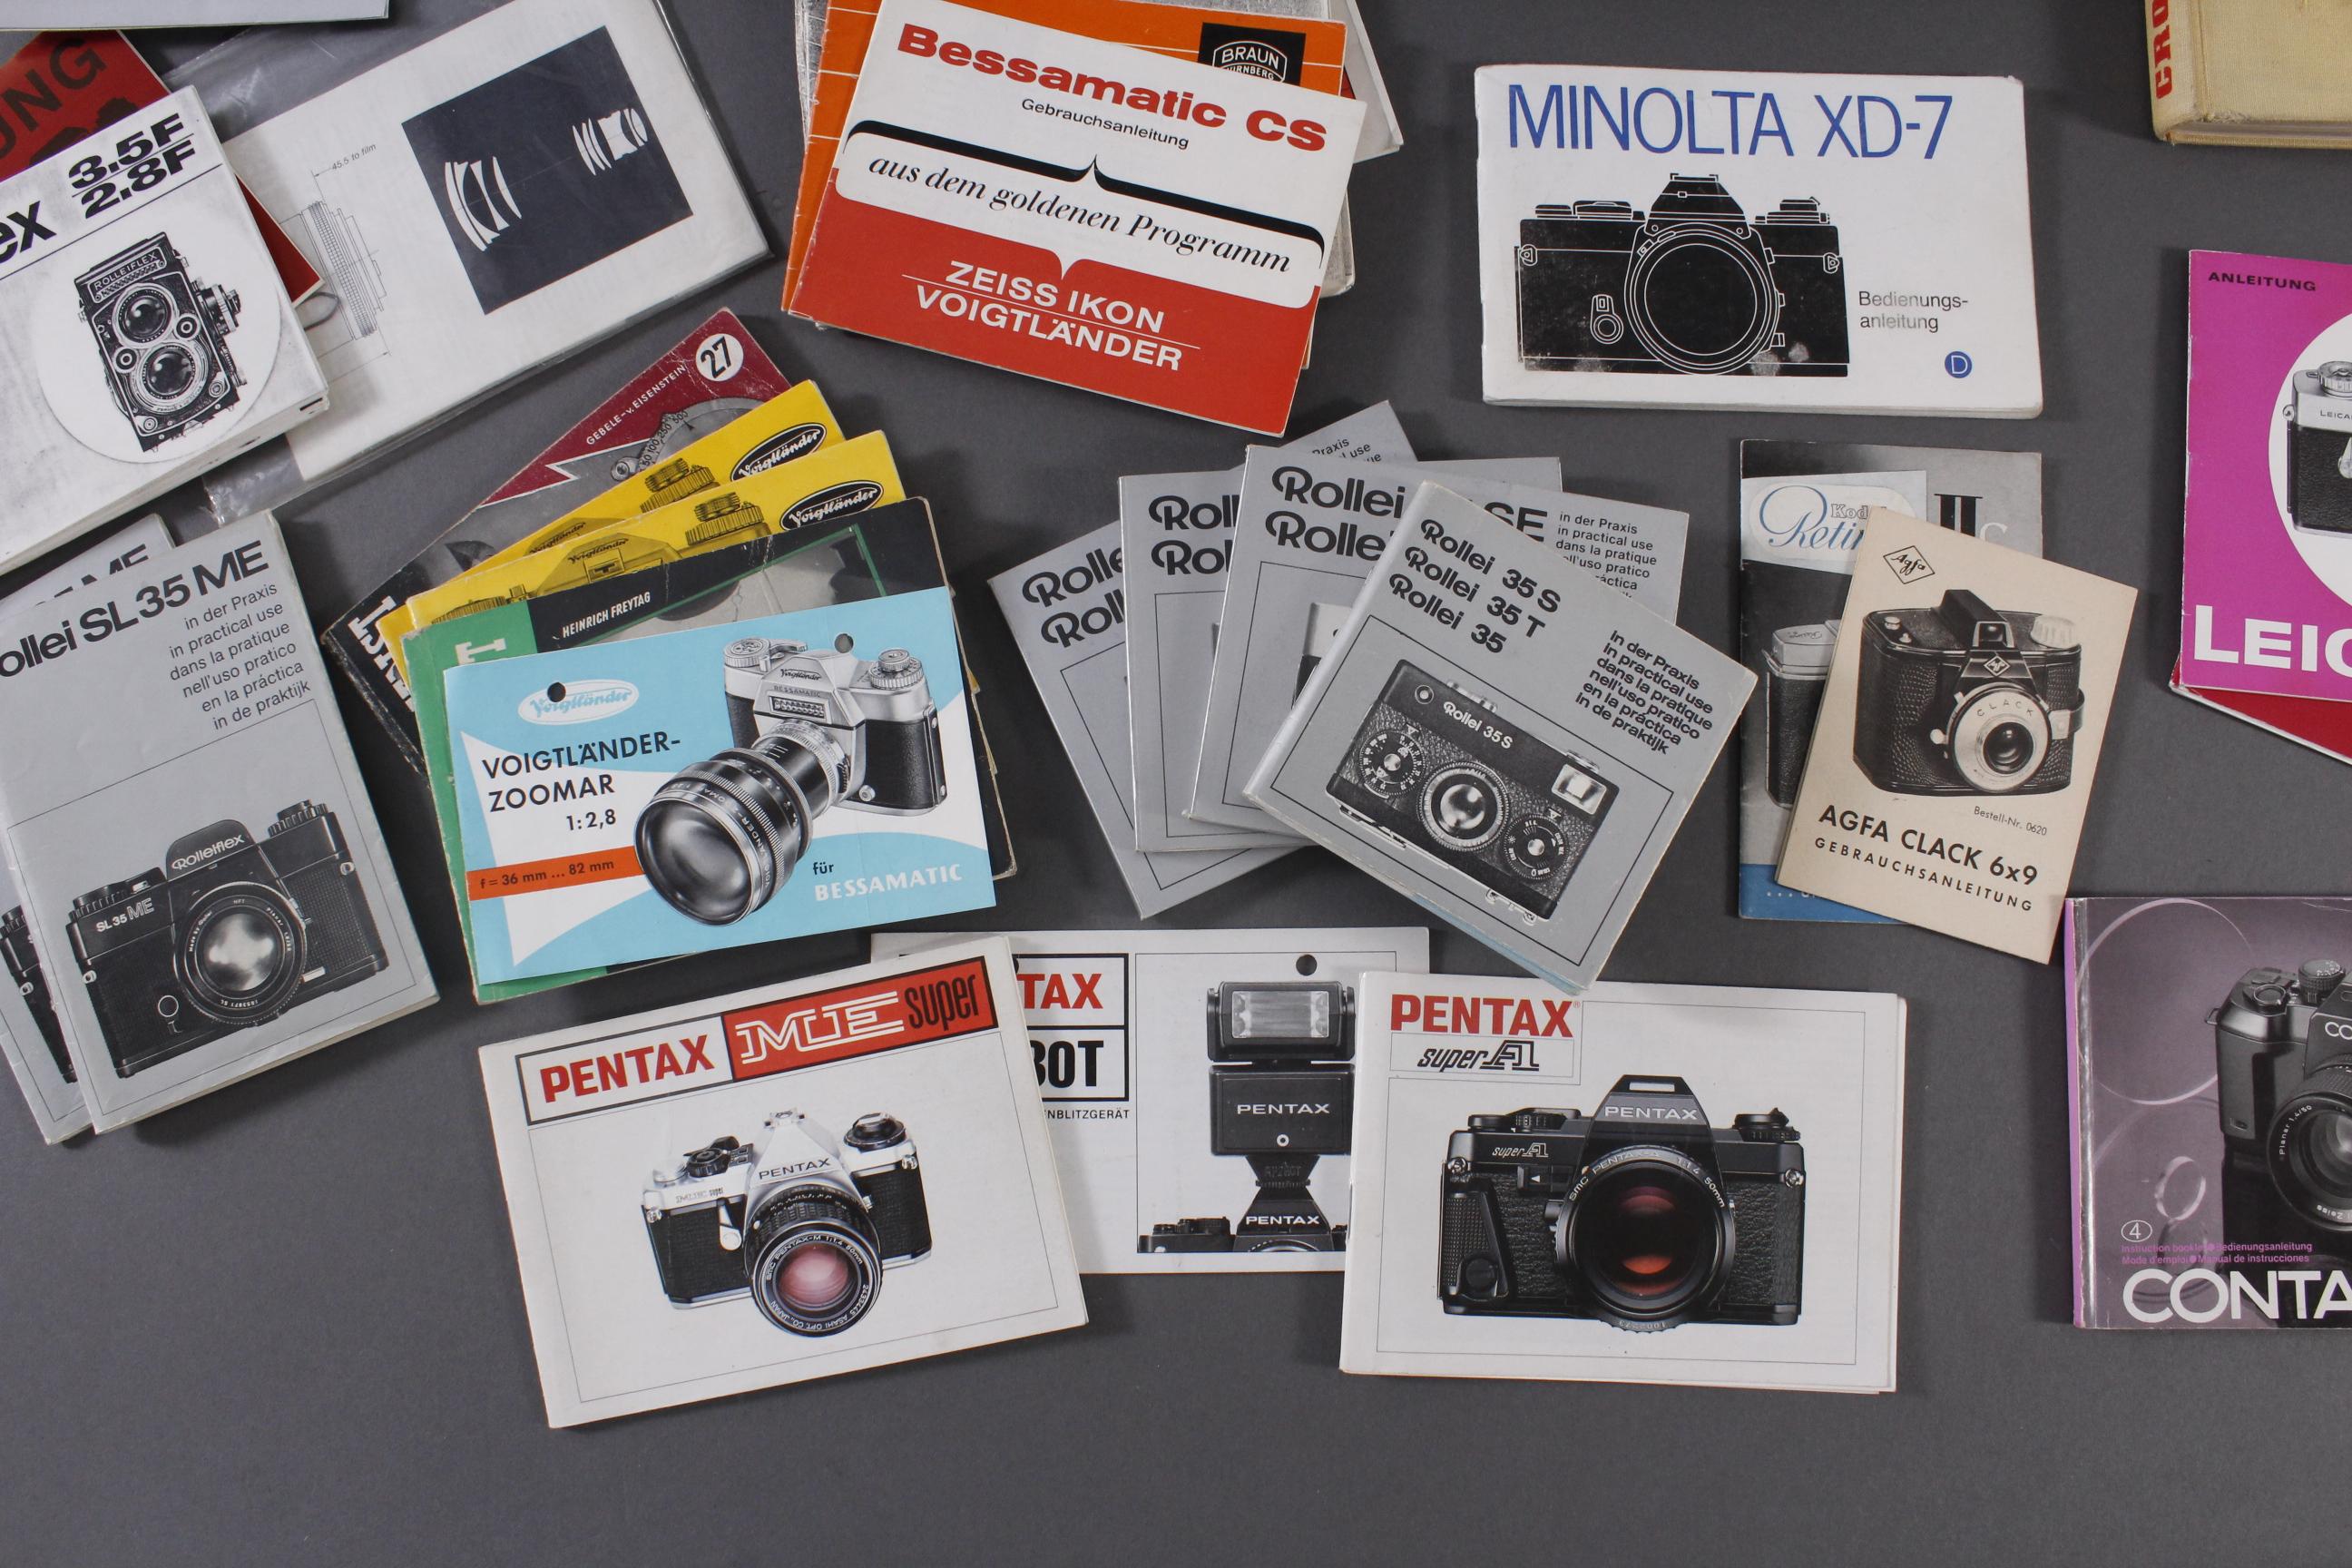 Konvolut Bedienungsanleitungen und Literatur für Fotoapparate-5